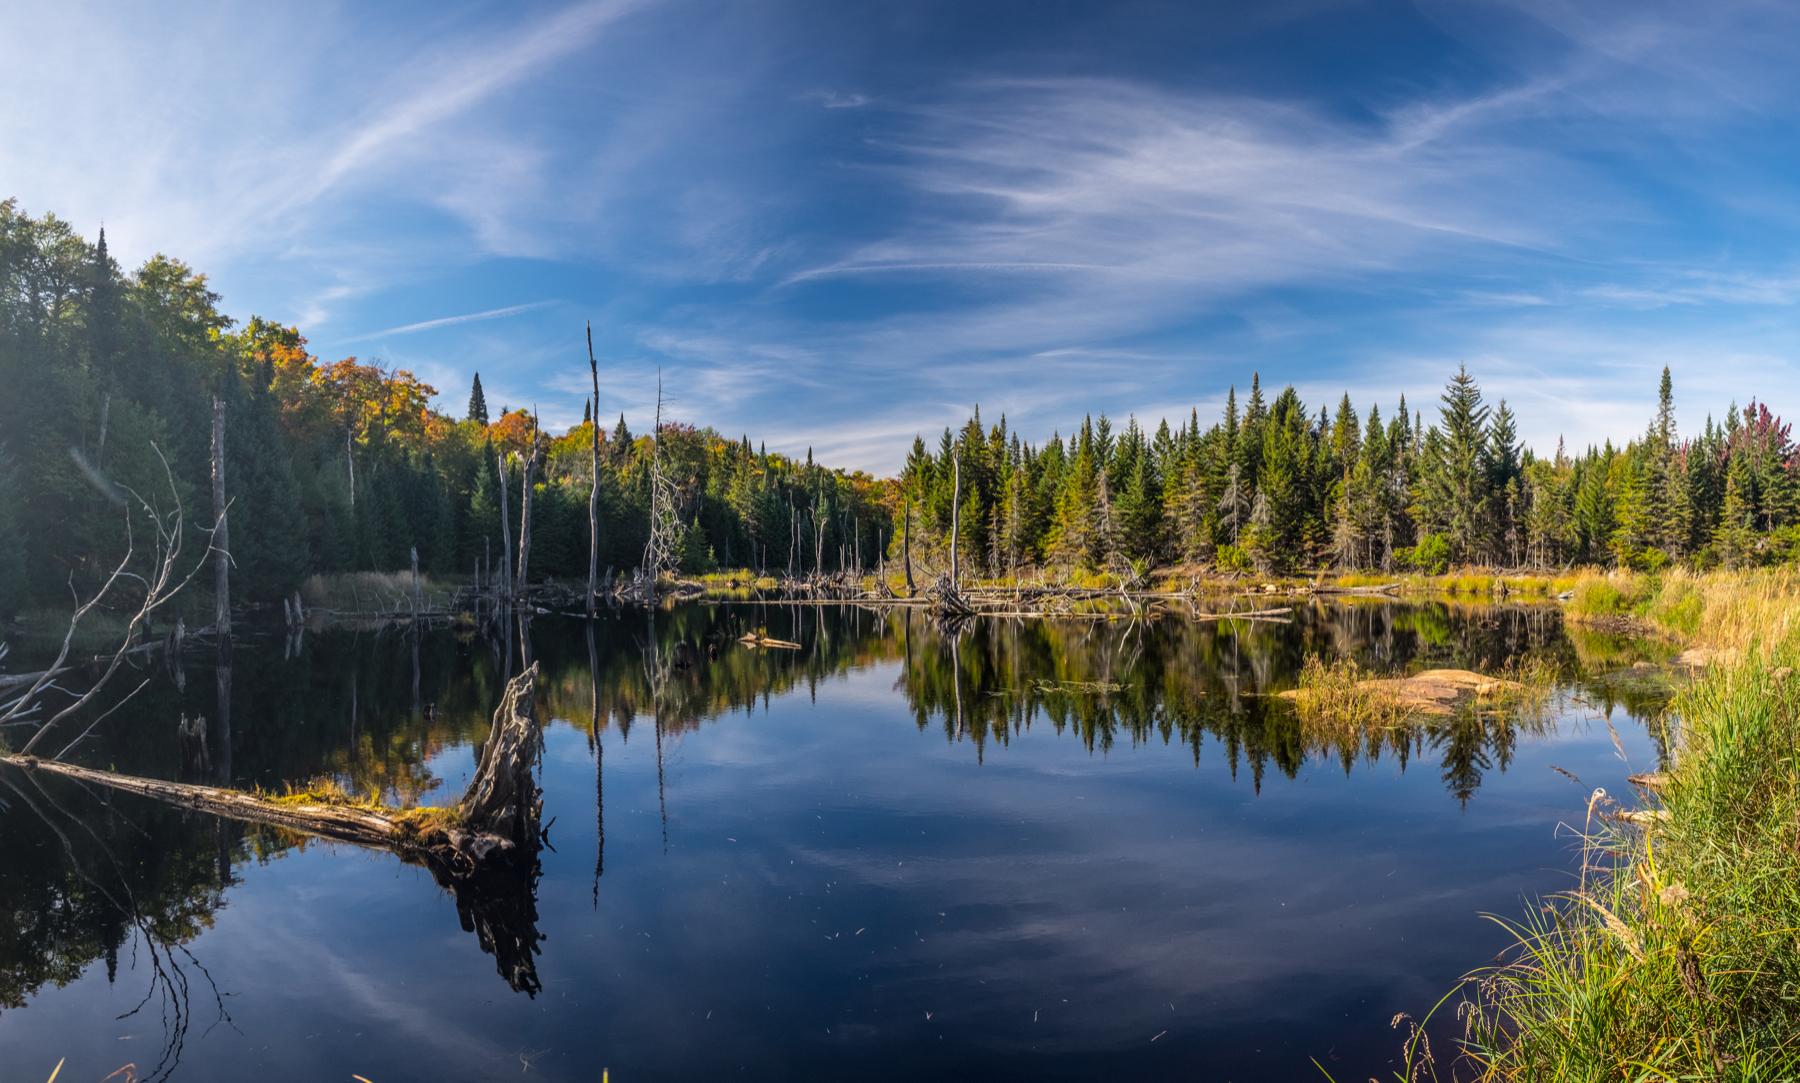 parc-montagne-du-diable-paysage-lac-de-la-montagne-011